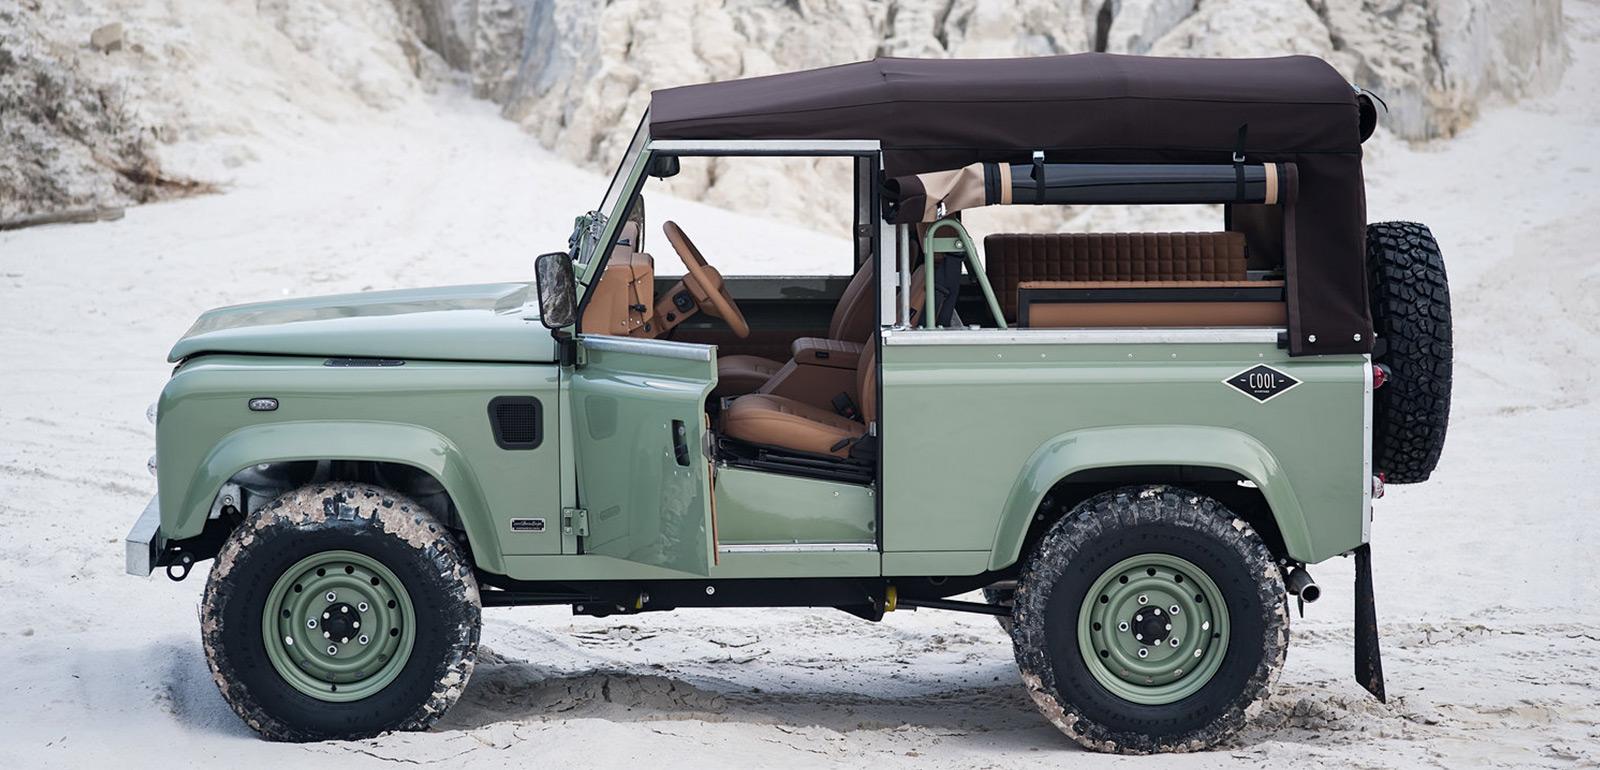 Cool & Vintage Land Rover Defender N62